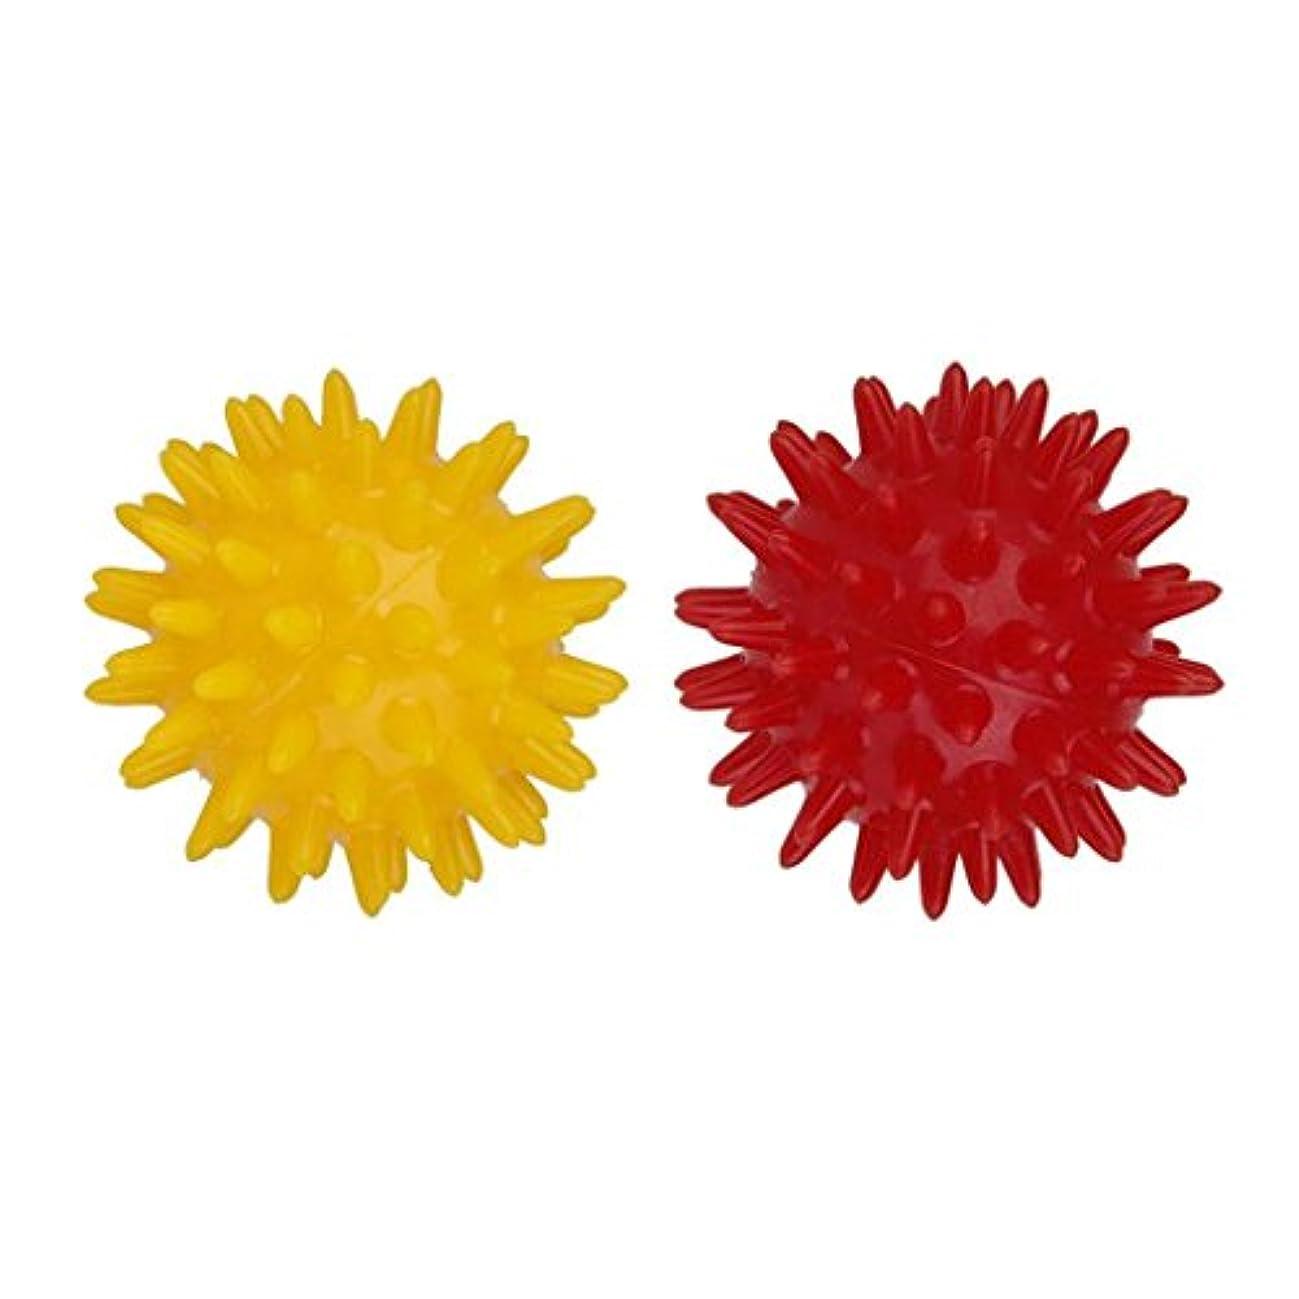 配当提唱する恨みマッサージツール マッサージボール セルフマッサージ トリガーポイント 直径:5.5cm 2個セット